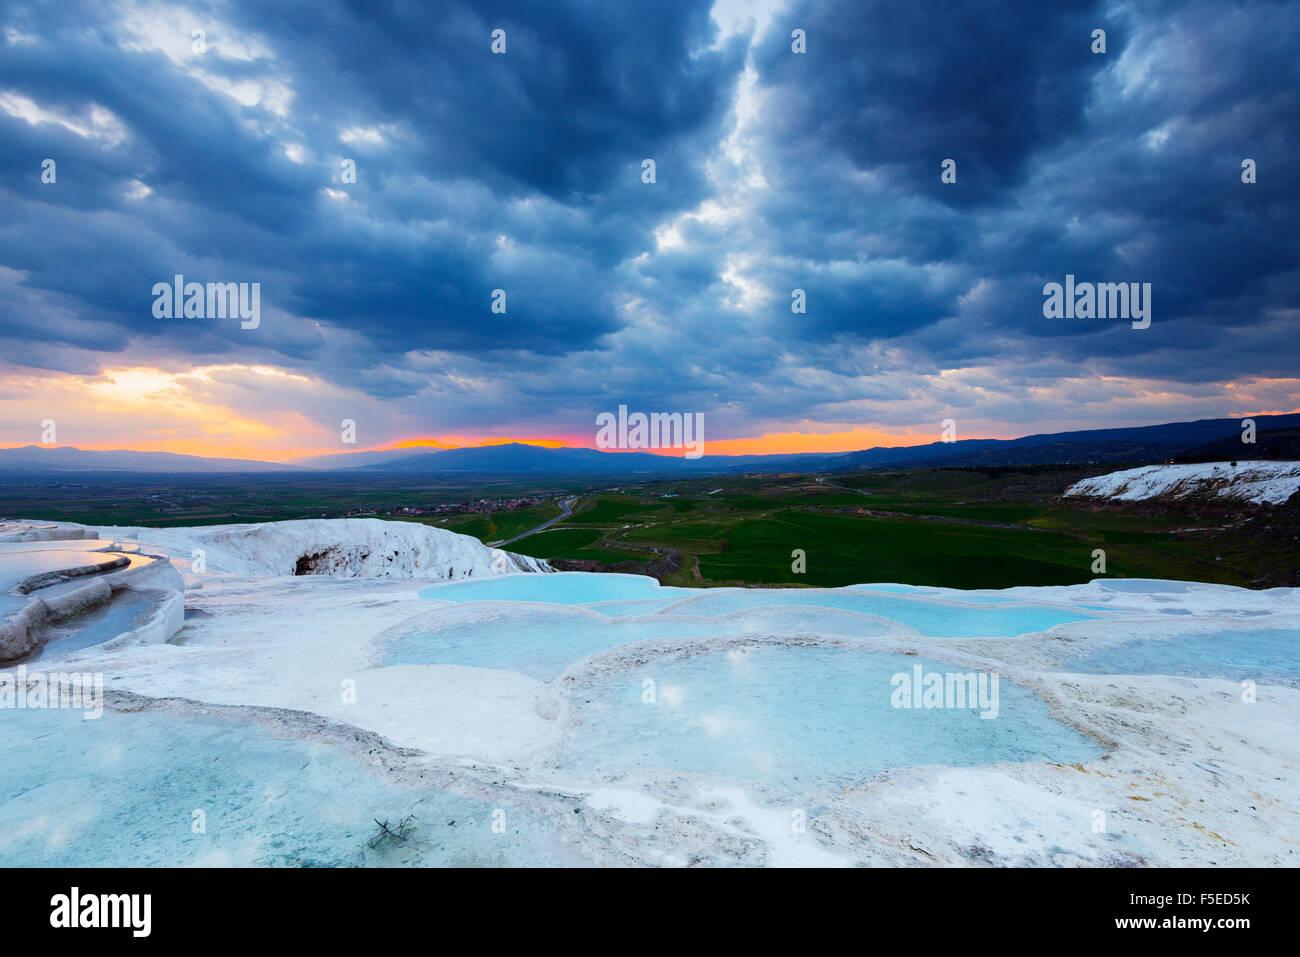 Weißer Travertin Becken bei Sonnenuntergang, Pamukkale, UNESCO-Weltkulturerbe, westlichen Anatolien, Türkei, Stockbild